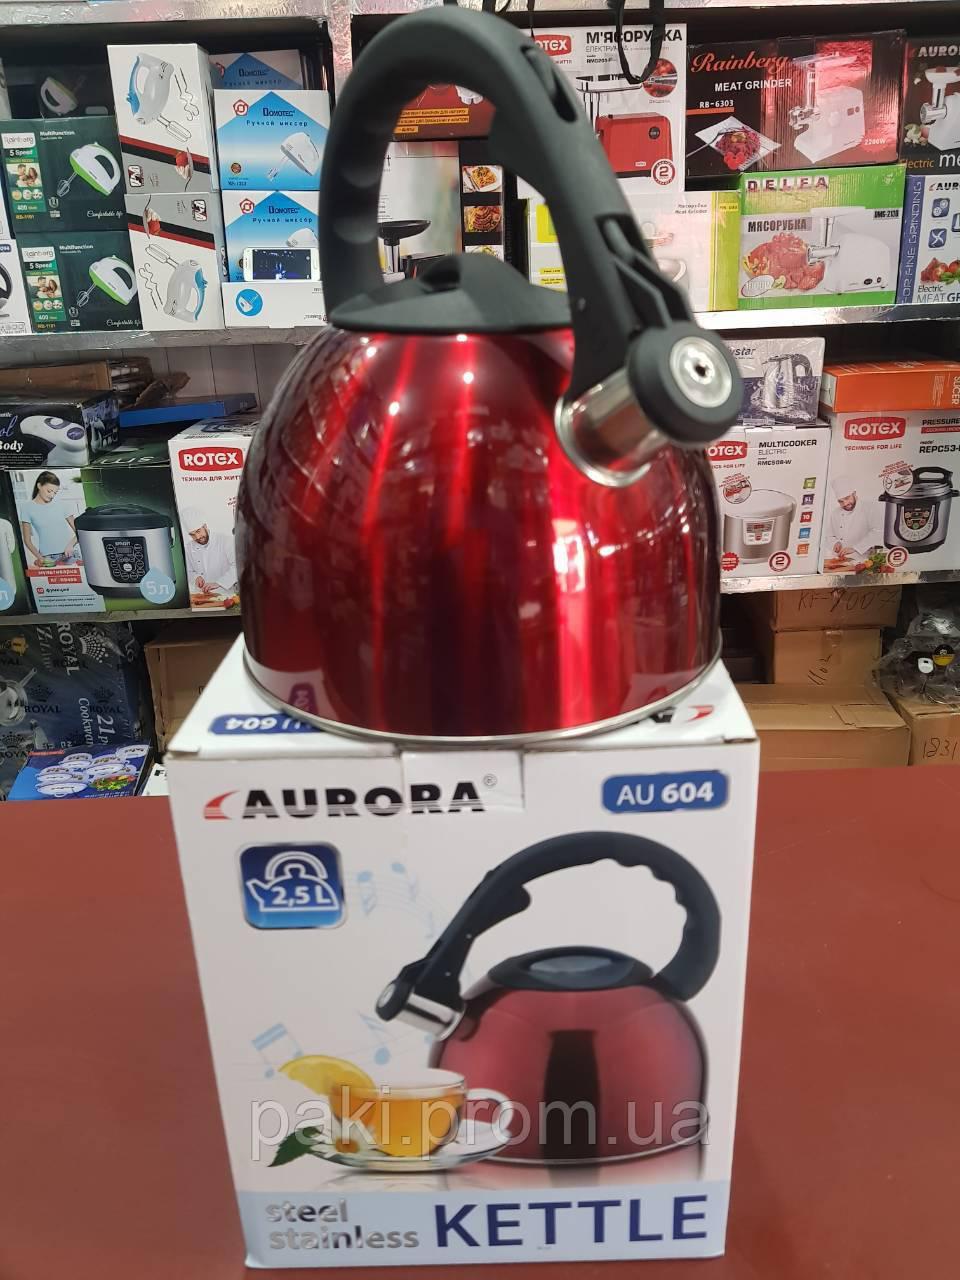 Чайник со свистком Aurora AU 604 2.5 л (нержавеющая сталь)